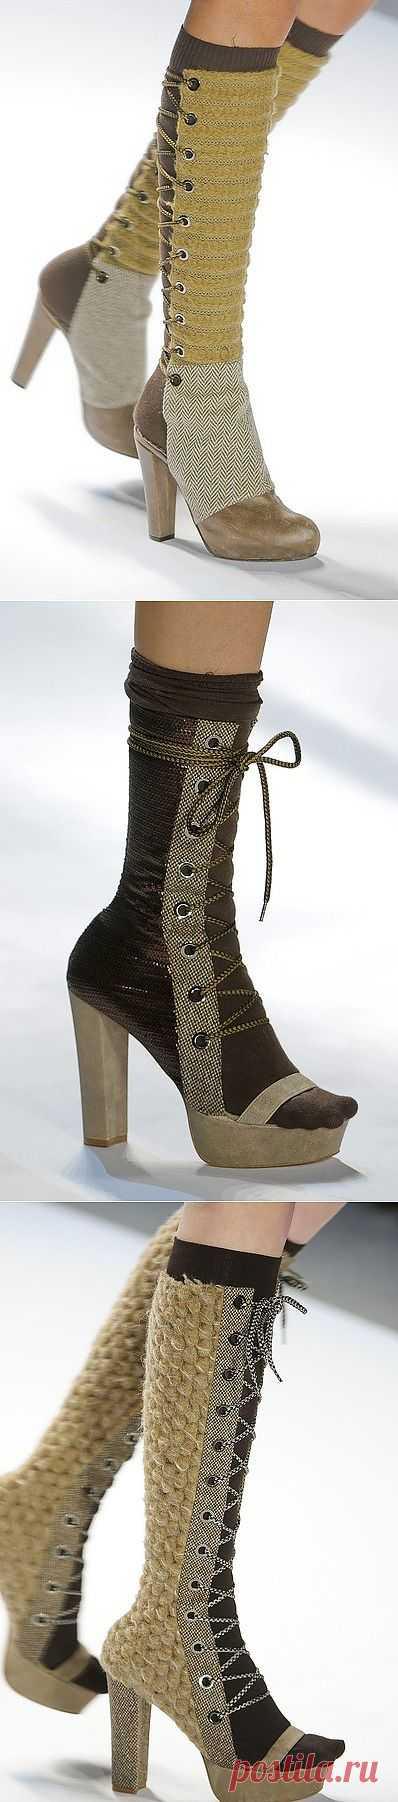 Немного интересной обуви / Обувь / Модный сайт о стильной переделке одежды и интерьера